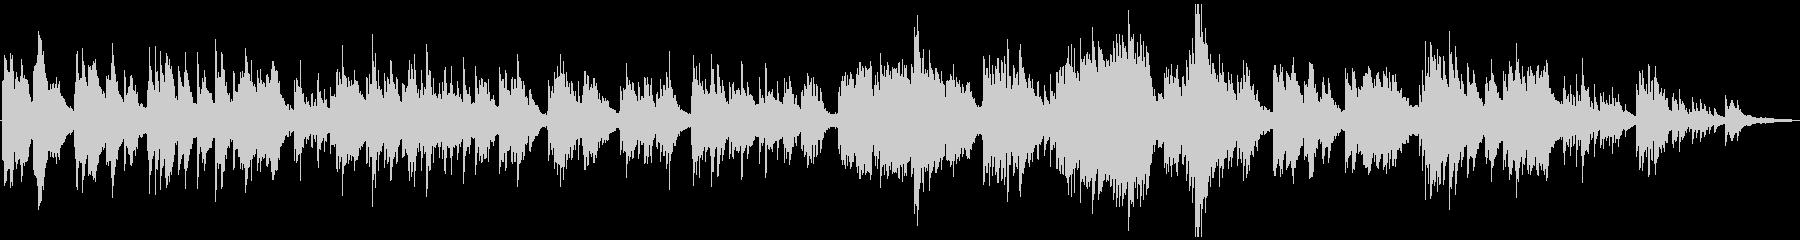 静かなピアノソロの未再生の波形